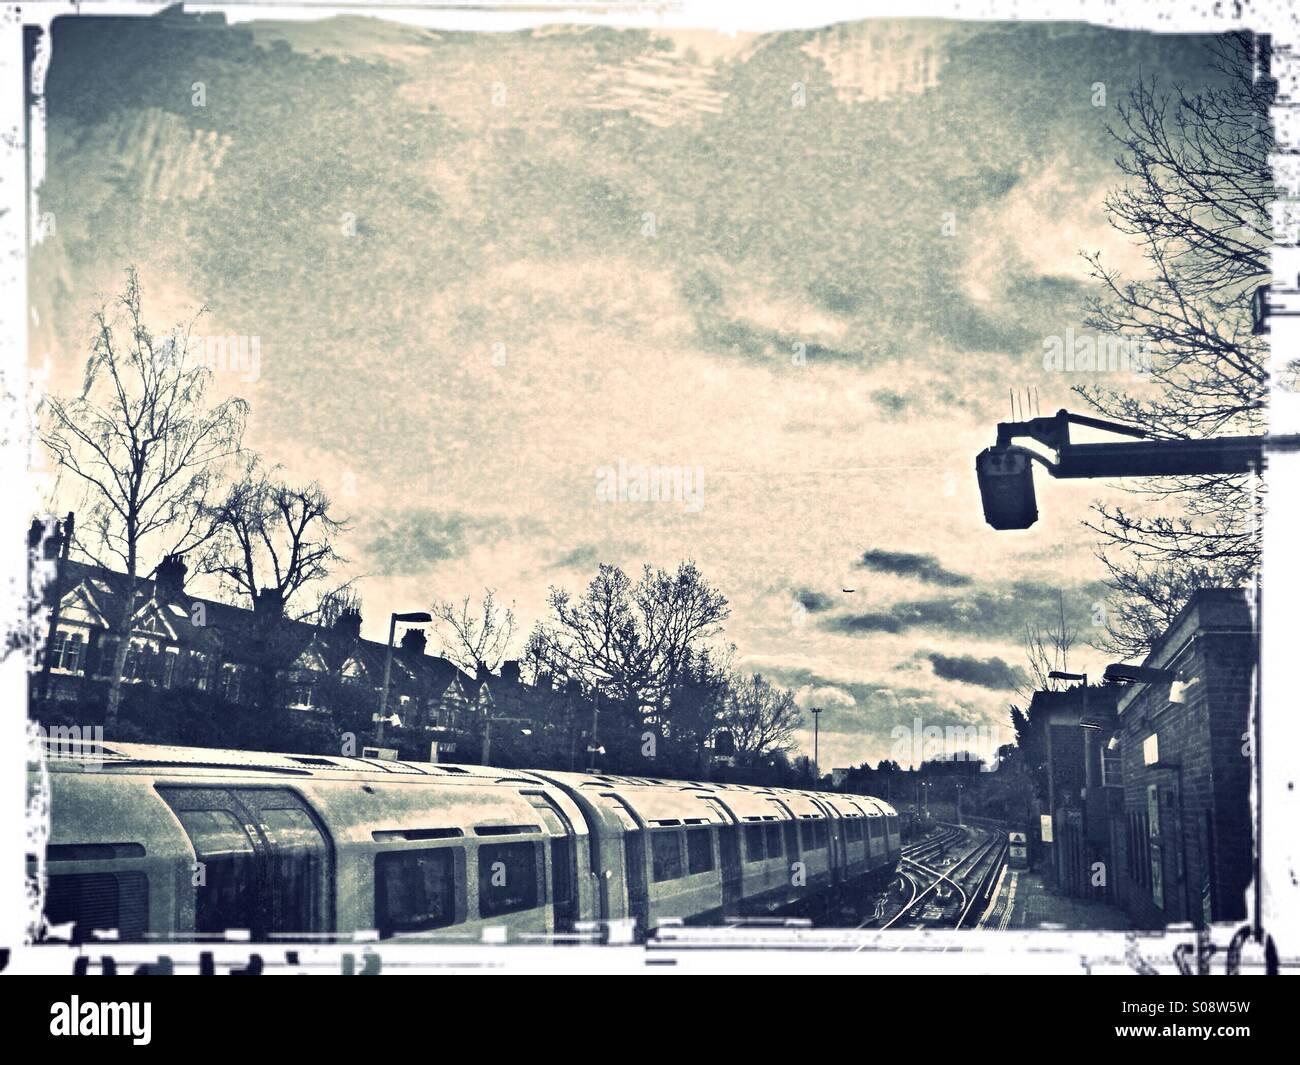 Tube train at Ealing Common underground station, London, UK Stock Photo